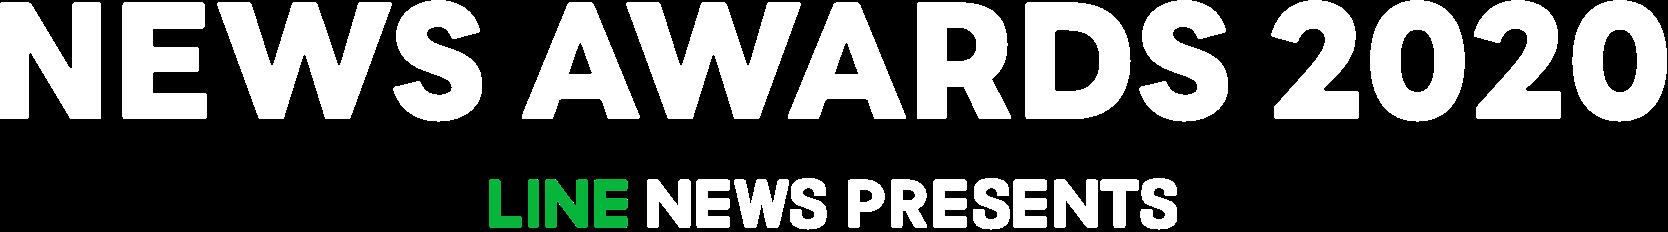 LINE NEWS AWARDS 2020